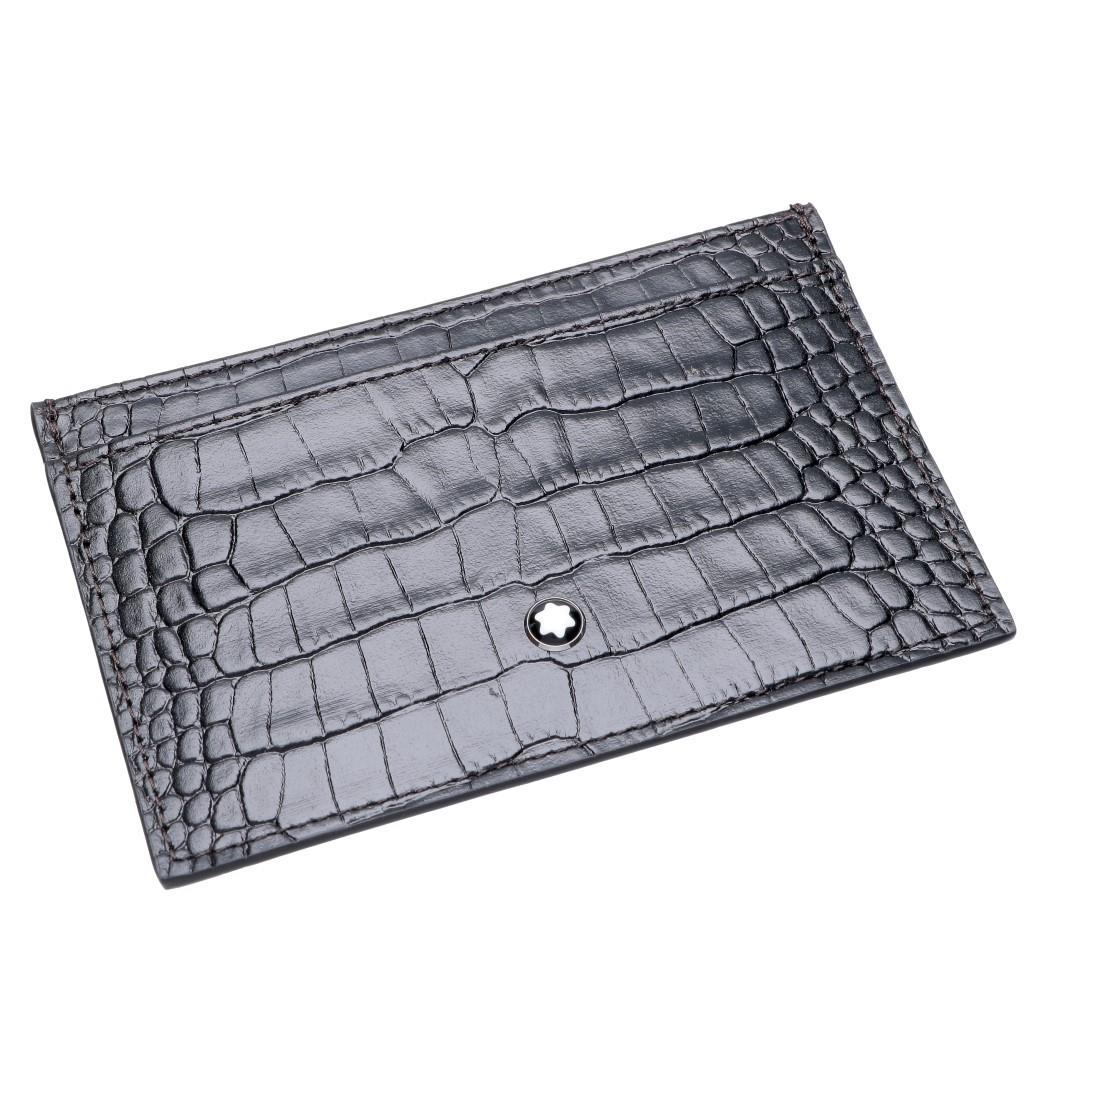 Porta carte di credito con 2 scomparti in pelle di vitello nera - MONTBLANC